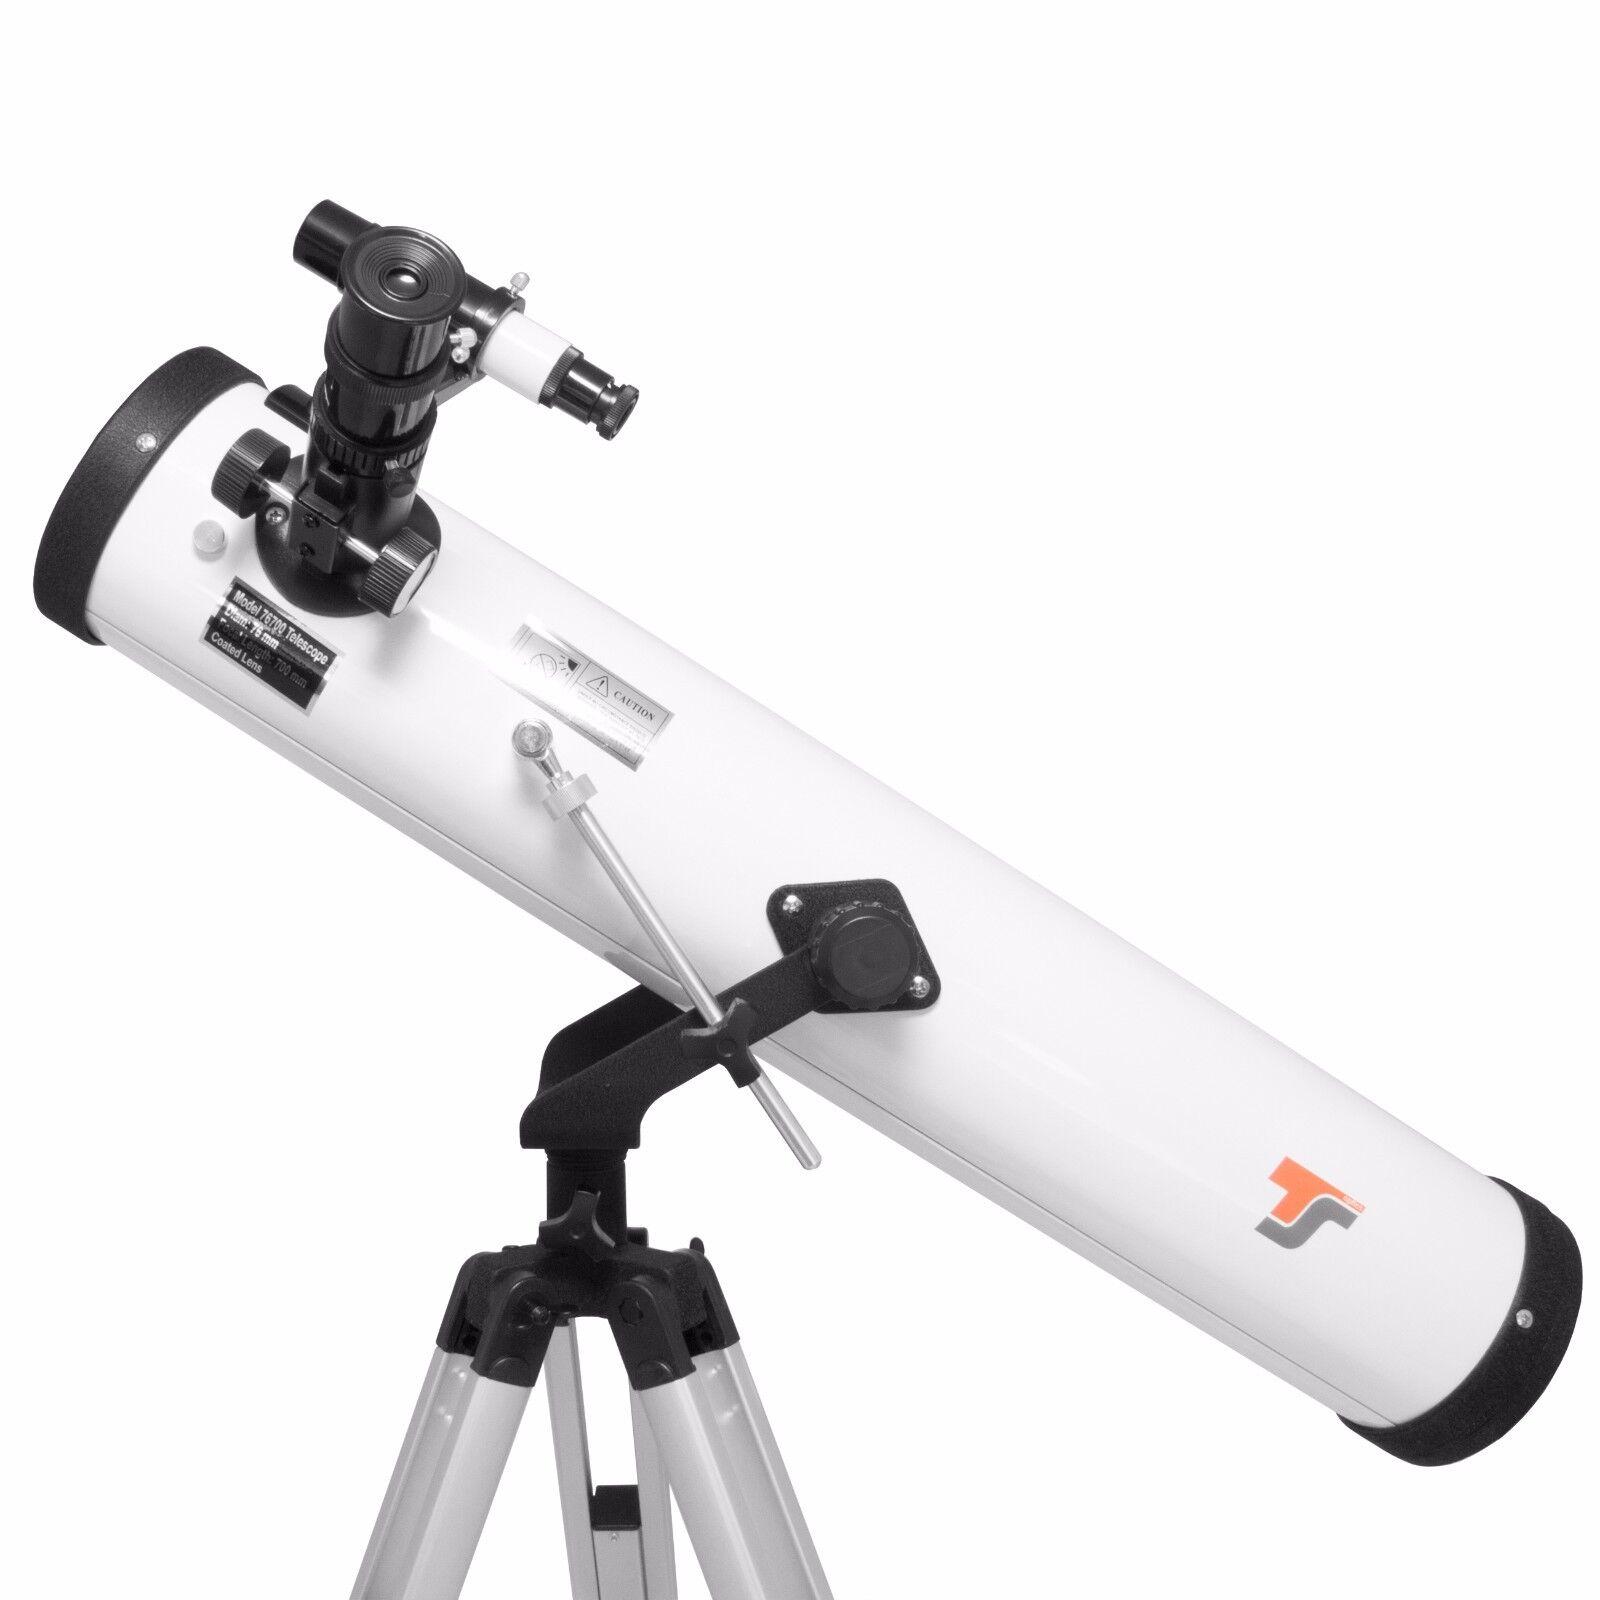 Einsteiger Teleskop 76 700 mm Komplettset + Buch Starscope767 + Teleskop1x1